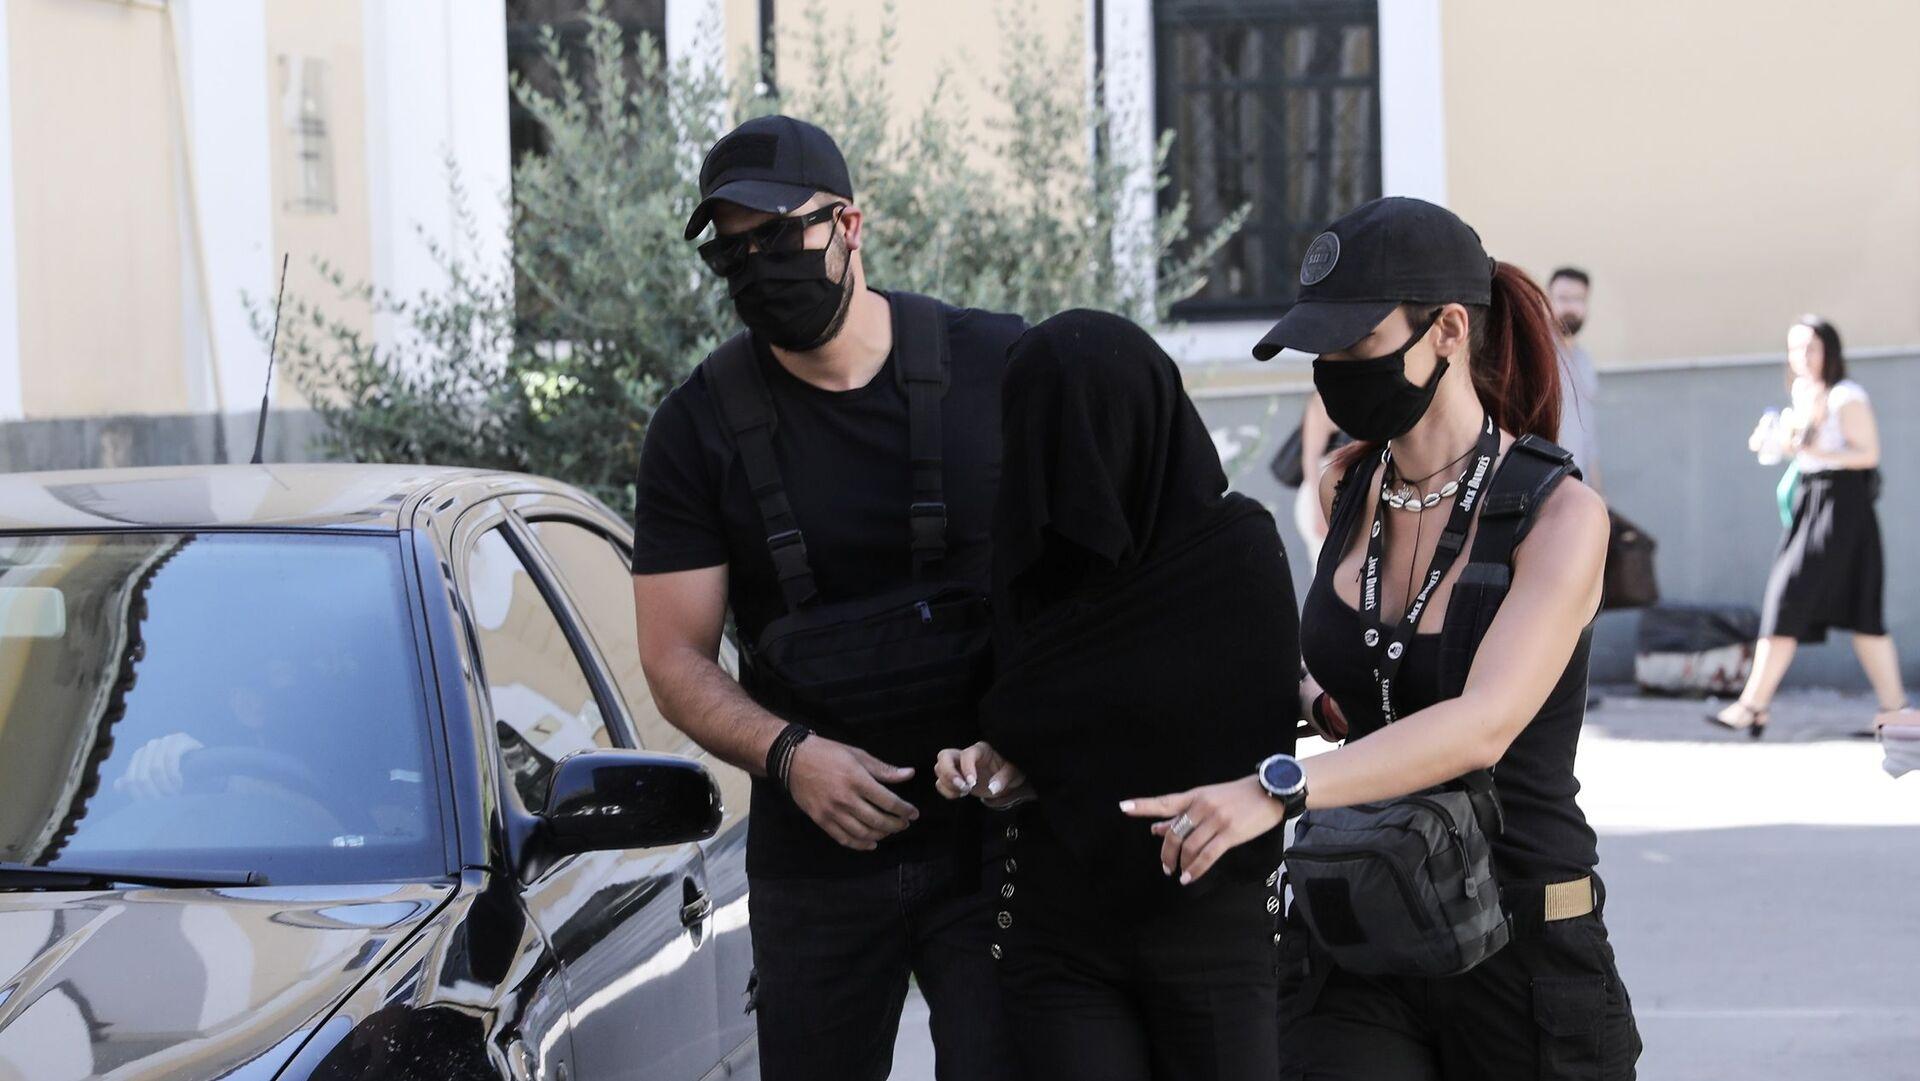 Η κατηγορούμενη για την επίθεση με βιτριόλι, στον ανακριτή, στα δικαστήρια Ευελπίδων - Sputnik Ελλάδα, 1920, 21.09.2021